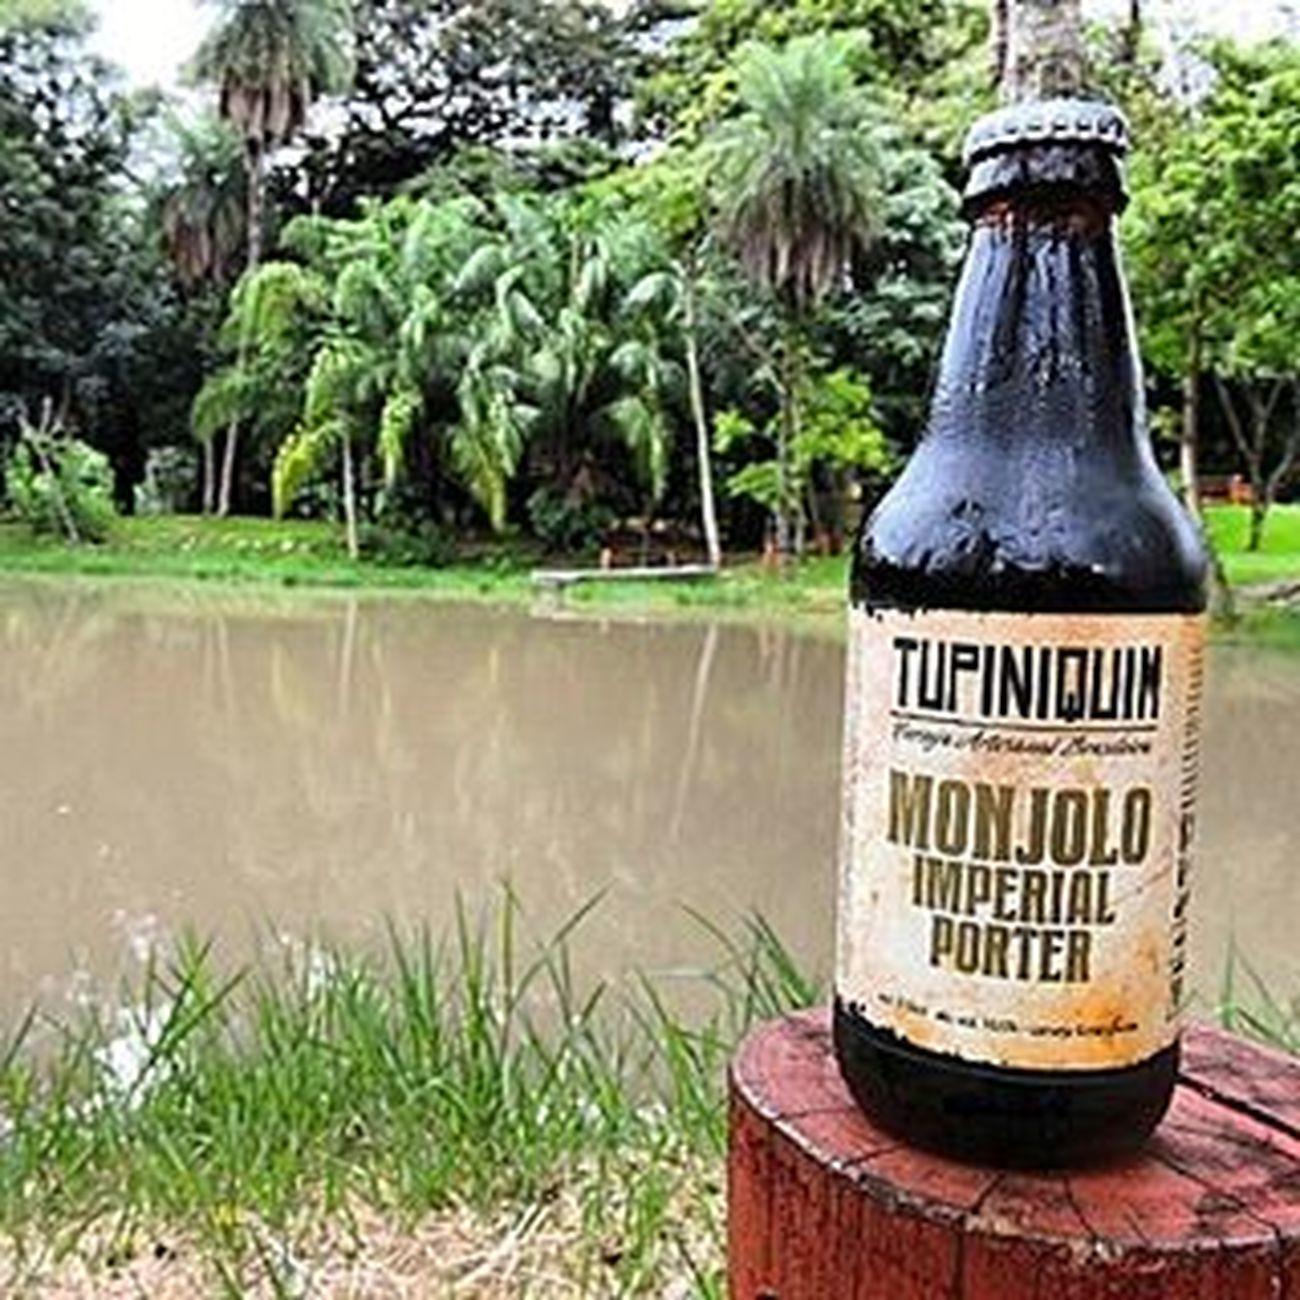 🍺 Tupiniquim Monjolo Imperial Porter 🍺 O nome de Monjolo deriva de um artefato antigo utilizado para socar grãos. A Tupiniquim foi eleita a cervejaria do ano de 2014 no South Beer Cup. Ganhadora da medalha de ouro no Festival Brasileiro da Cerveja 2015 na categoria American-Style Imperial Porter. Cerveja única para se beber em um momento especial com certeza, que bela breja da Tupiniquim. País: Brasil Graduação alcoólica: 10,5% Monjolo Cervejatupiniquim 9ninebeers Cheers Cerveja Beer Beers Beergarden  Beeradvocate Beerlove Craftbeer Pivo Beerpics Beerlife Beergasm Beersnob Cerveza Craftbrew Birra Instabeer Instacerveja Beerstagram Craftbeerlife Cervejaartesanal Beergeek beertimebeertographybeerpornbeernerdbeeroftheday